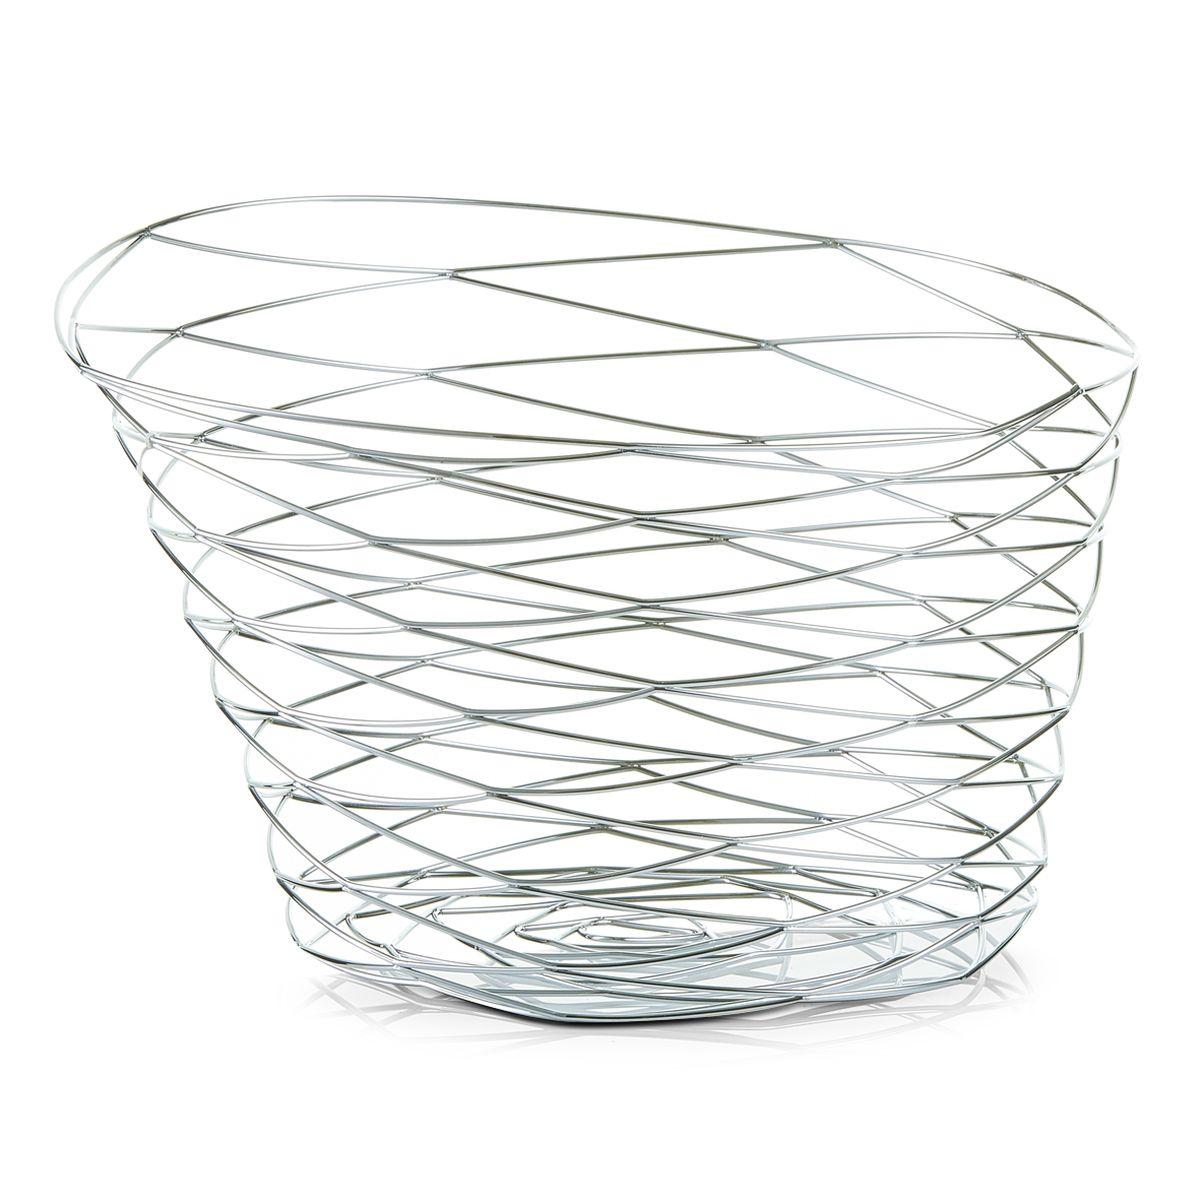 Ваза для фруктов Zeller, 27 х 27 х 19 см27320Ваза для фруктов Zeller изготовлена из высококачественного хромированного металла. Она впечатляет своим дизайном, качеством и оригинальным исполнением. Прекрасный вариант подарка человеку, ценящему изысканные вещи. Такая ваза достойна стать украшением даже самого богатого застолья.